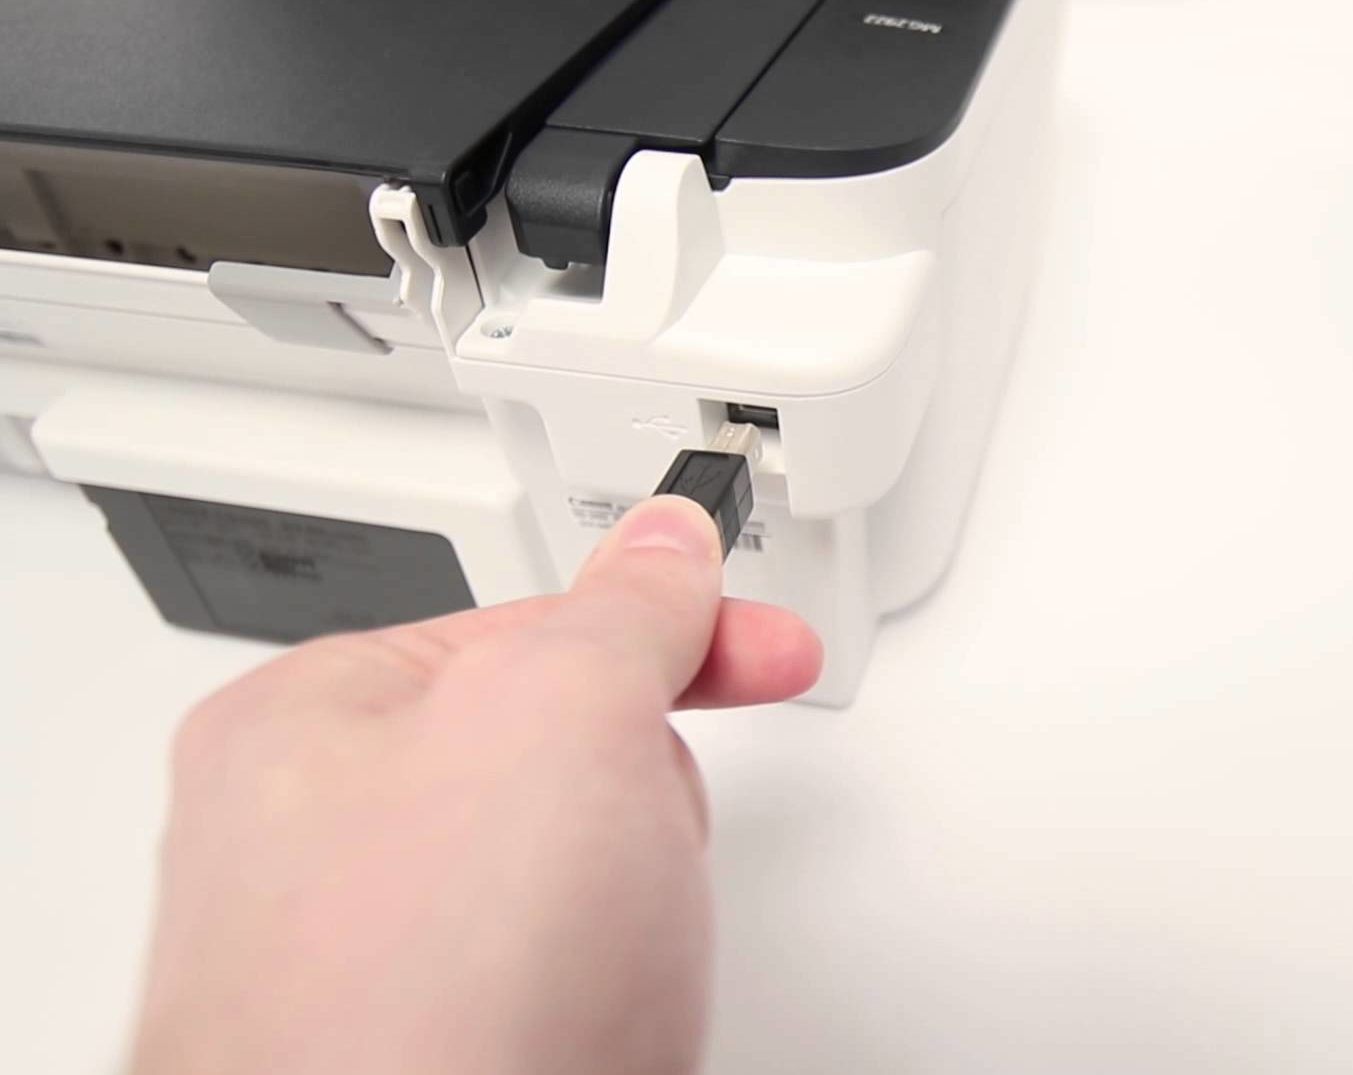 Проверка кабеля принтера.